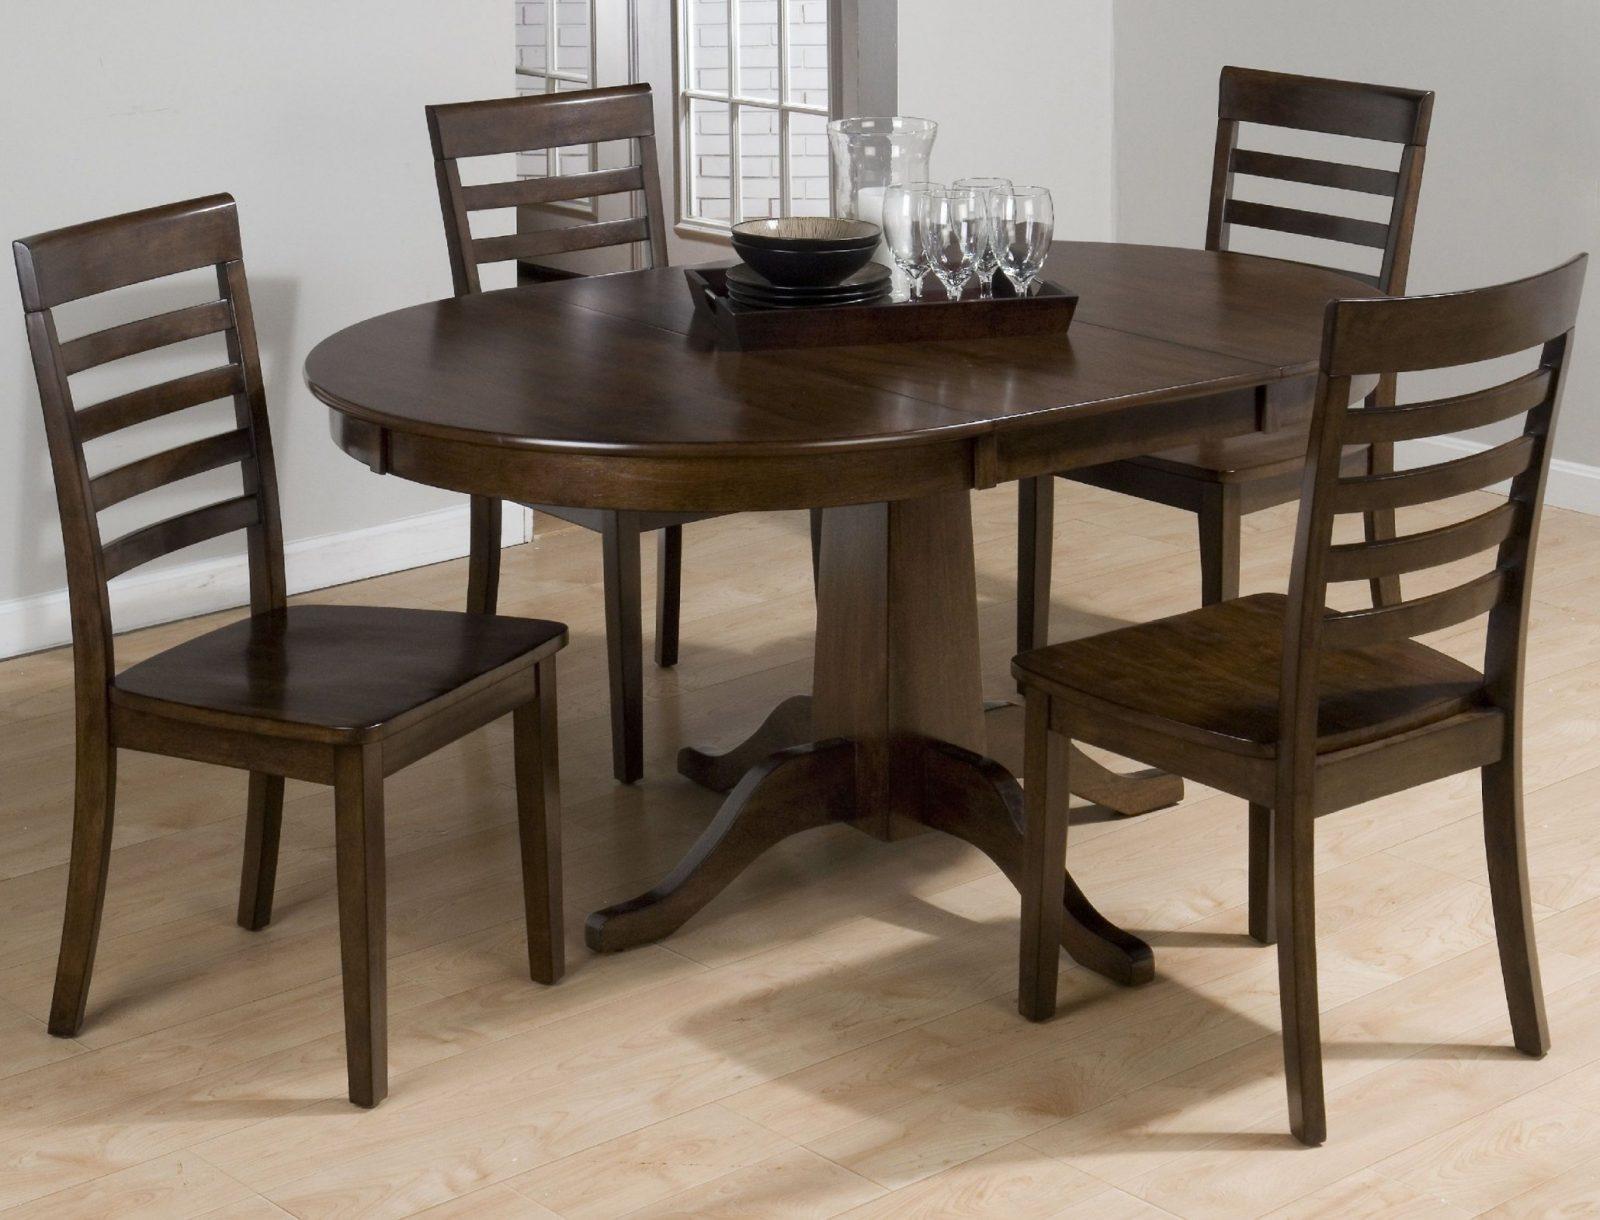 Stück Ess Set Runden Esstisch Und Stühlen Weißen Esstisch Und von Eckbank Für Runden Tisch Photo